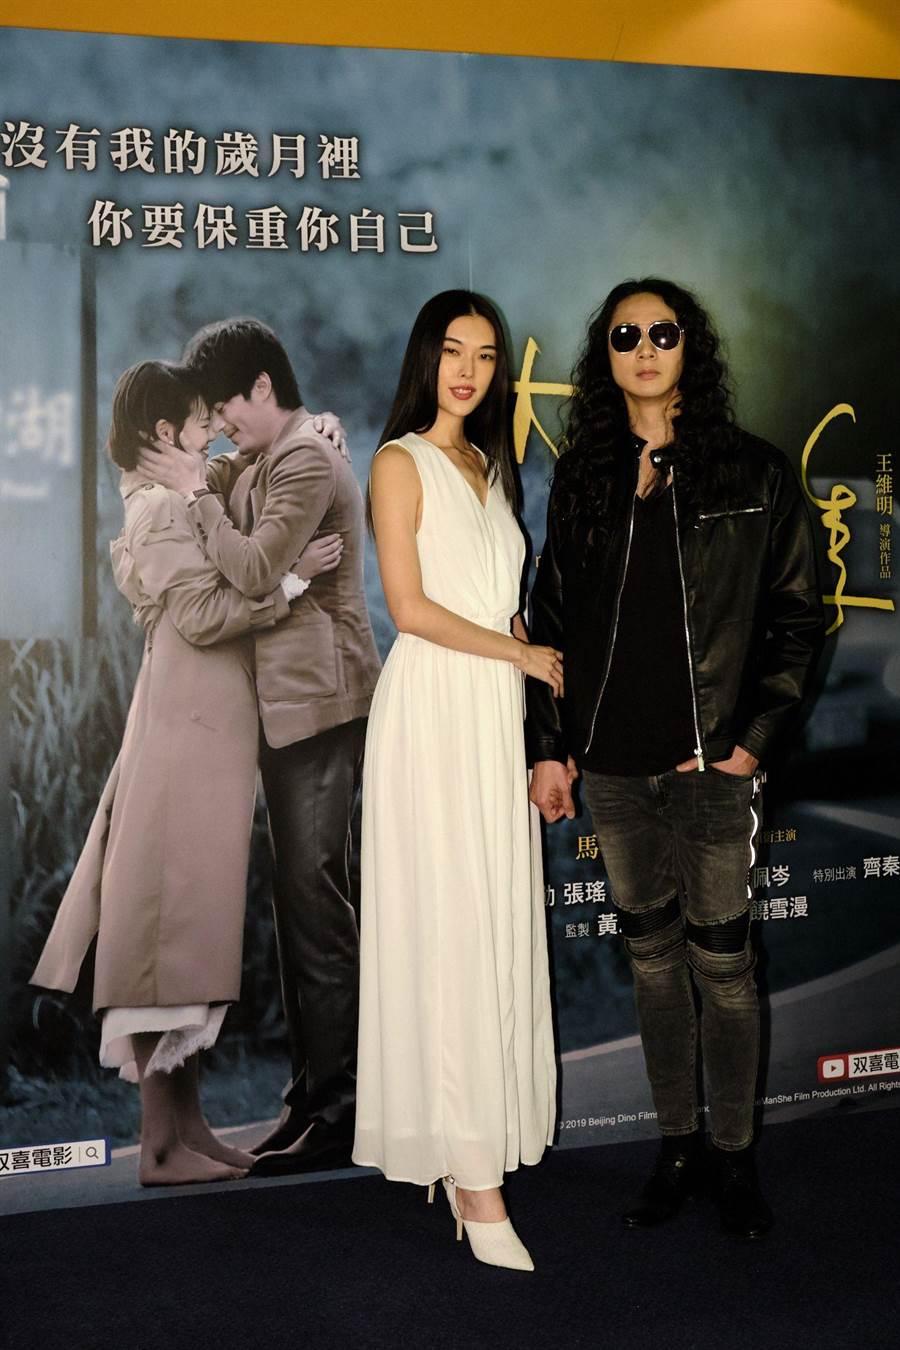 名模王思偉(左)素有「小王祖賢」之稱,與巧扮齊秦的師弟男生男模張佳翔一同亮相。(伊林娛樂提供)